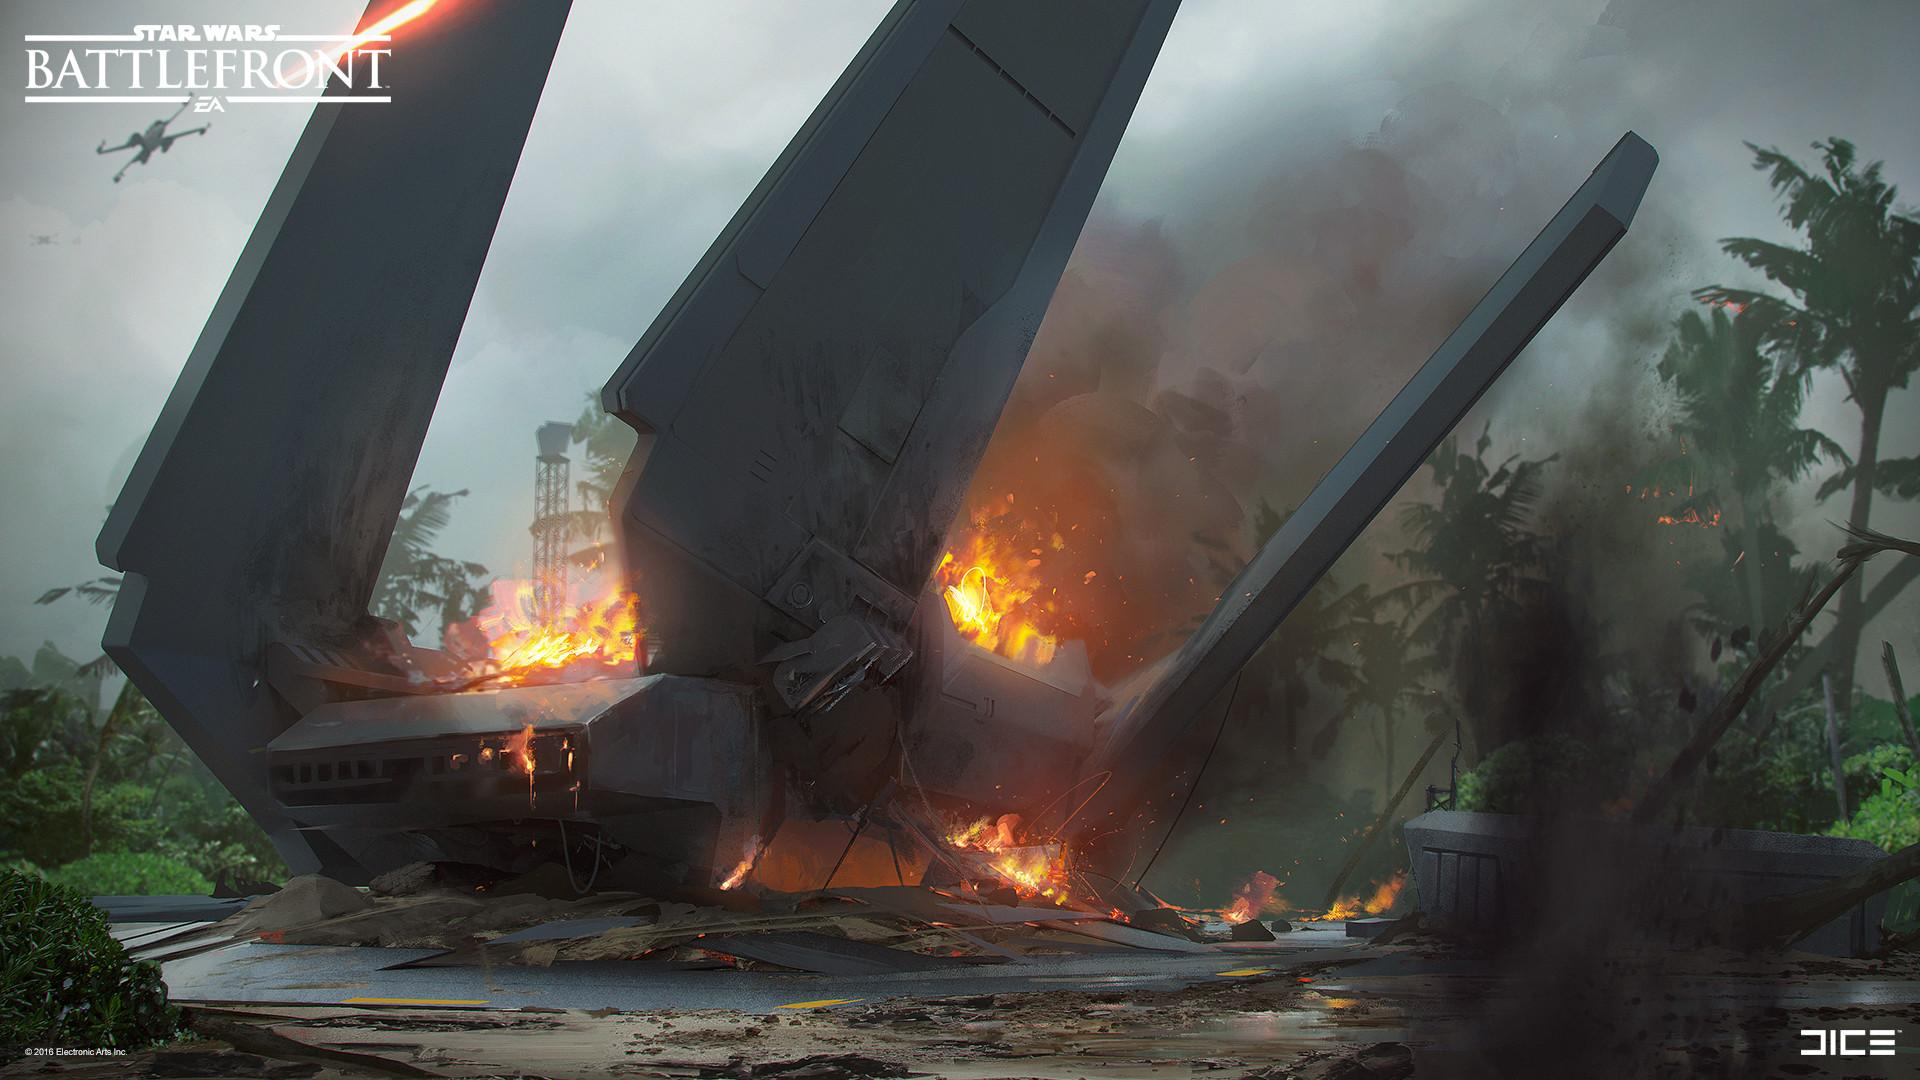 Koncepty z vývoje Star Wars: Battlefrontu ukazují některé nezrealizované prvky 140326